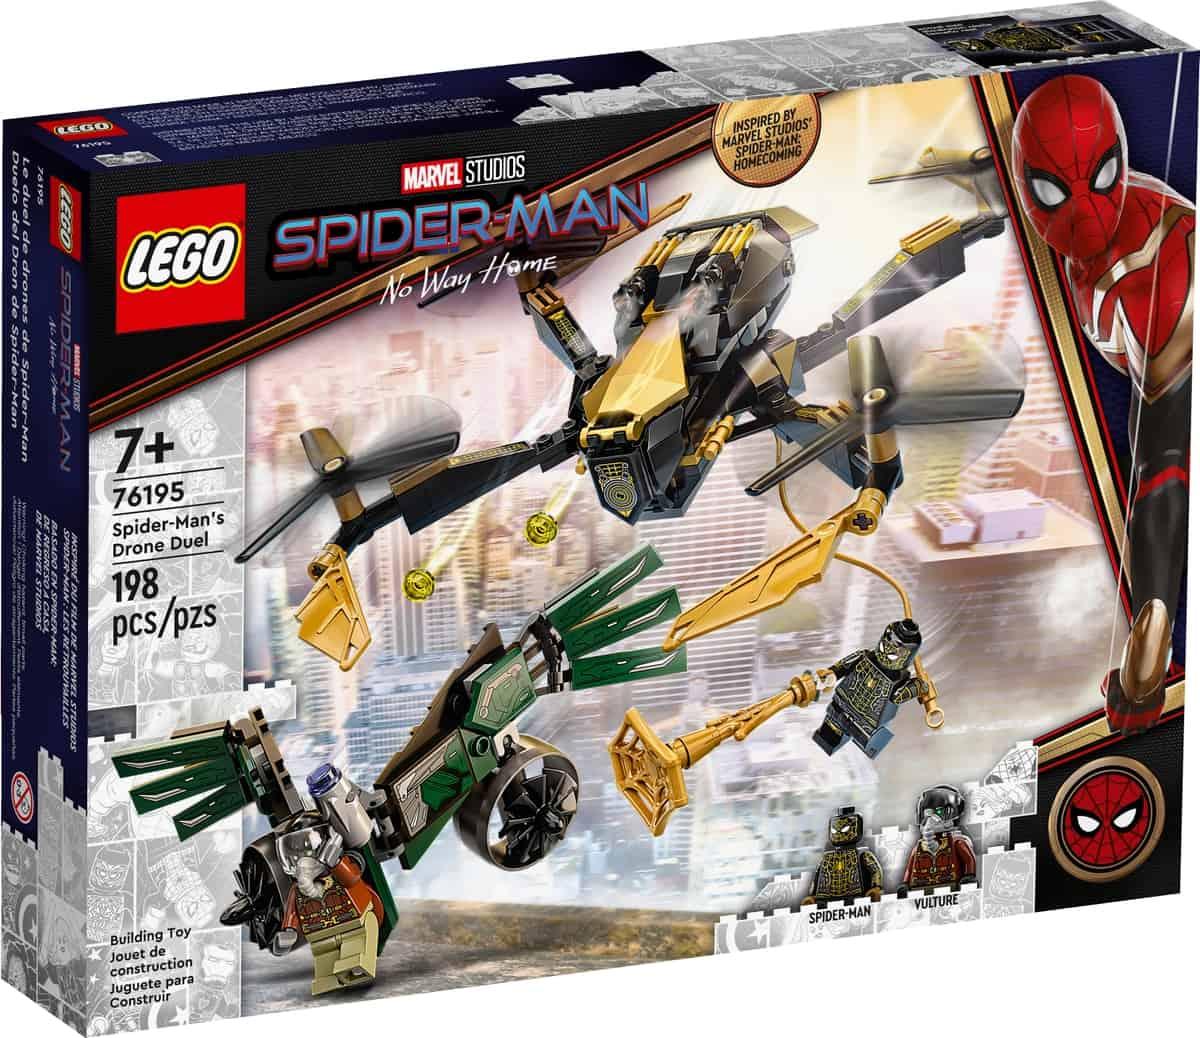 lego 76195 duelo del dron de spider man